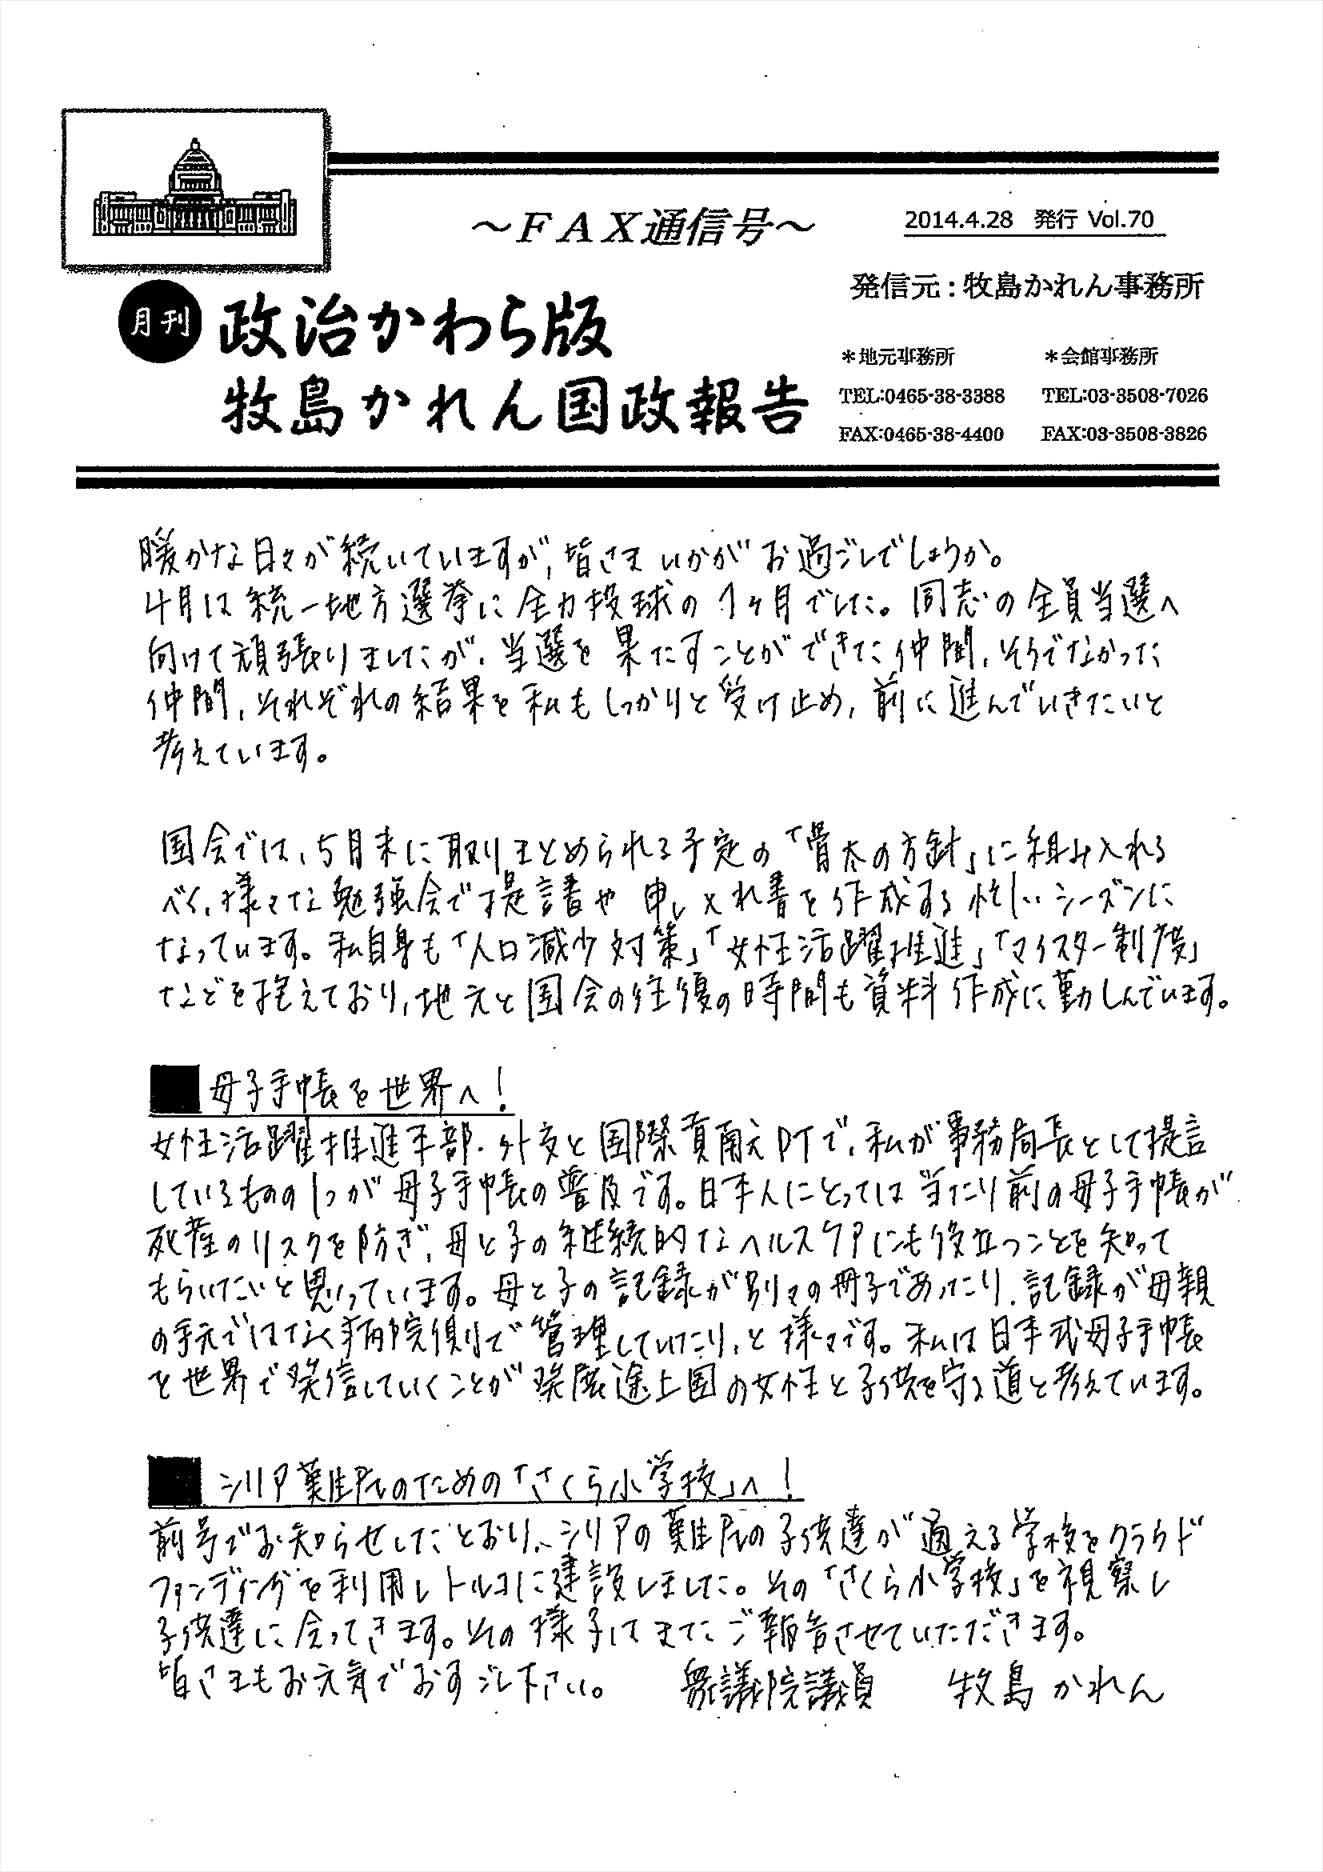 牧島かれん 政治かわら版4月号 Vol.70